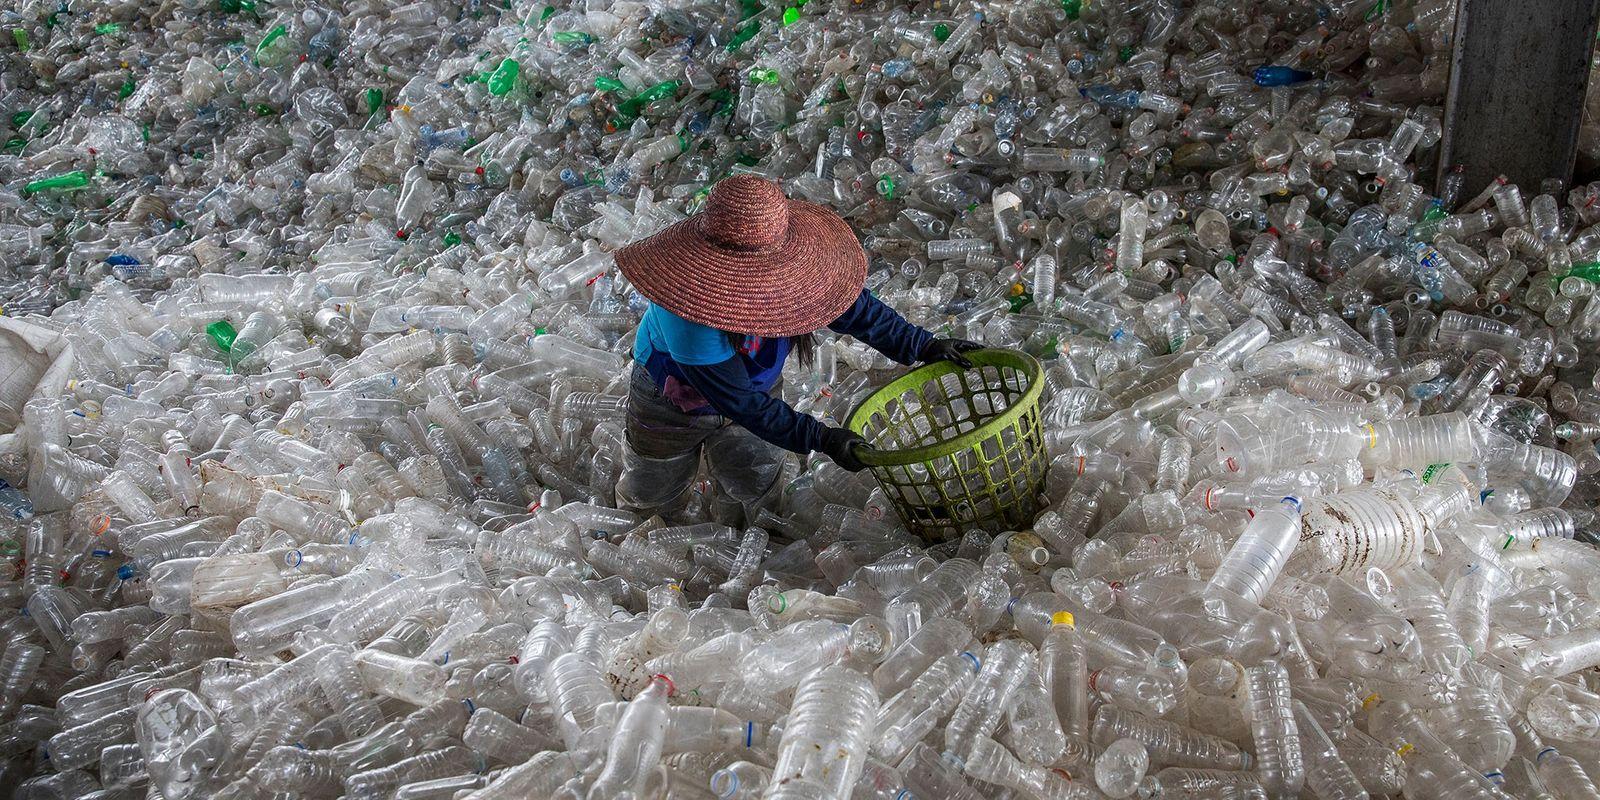 Consegue Resolver o Problema do Plástico? Prémio incita novas ideias.